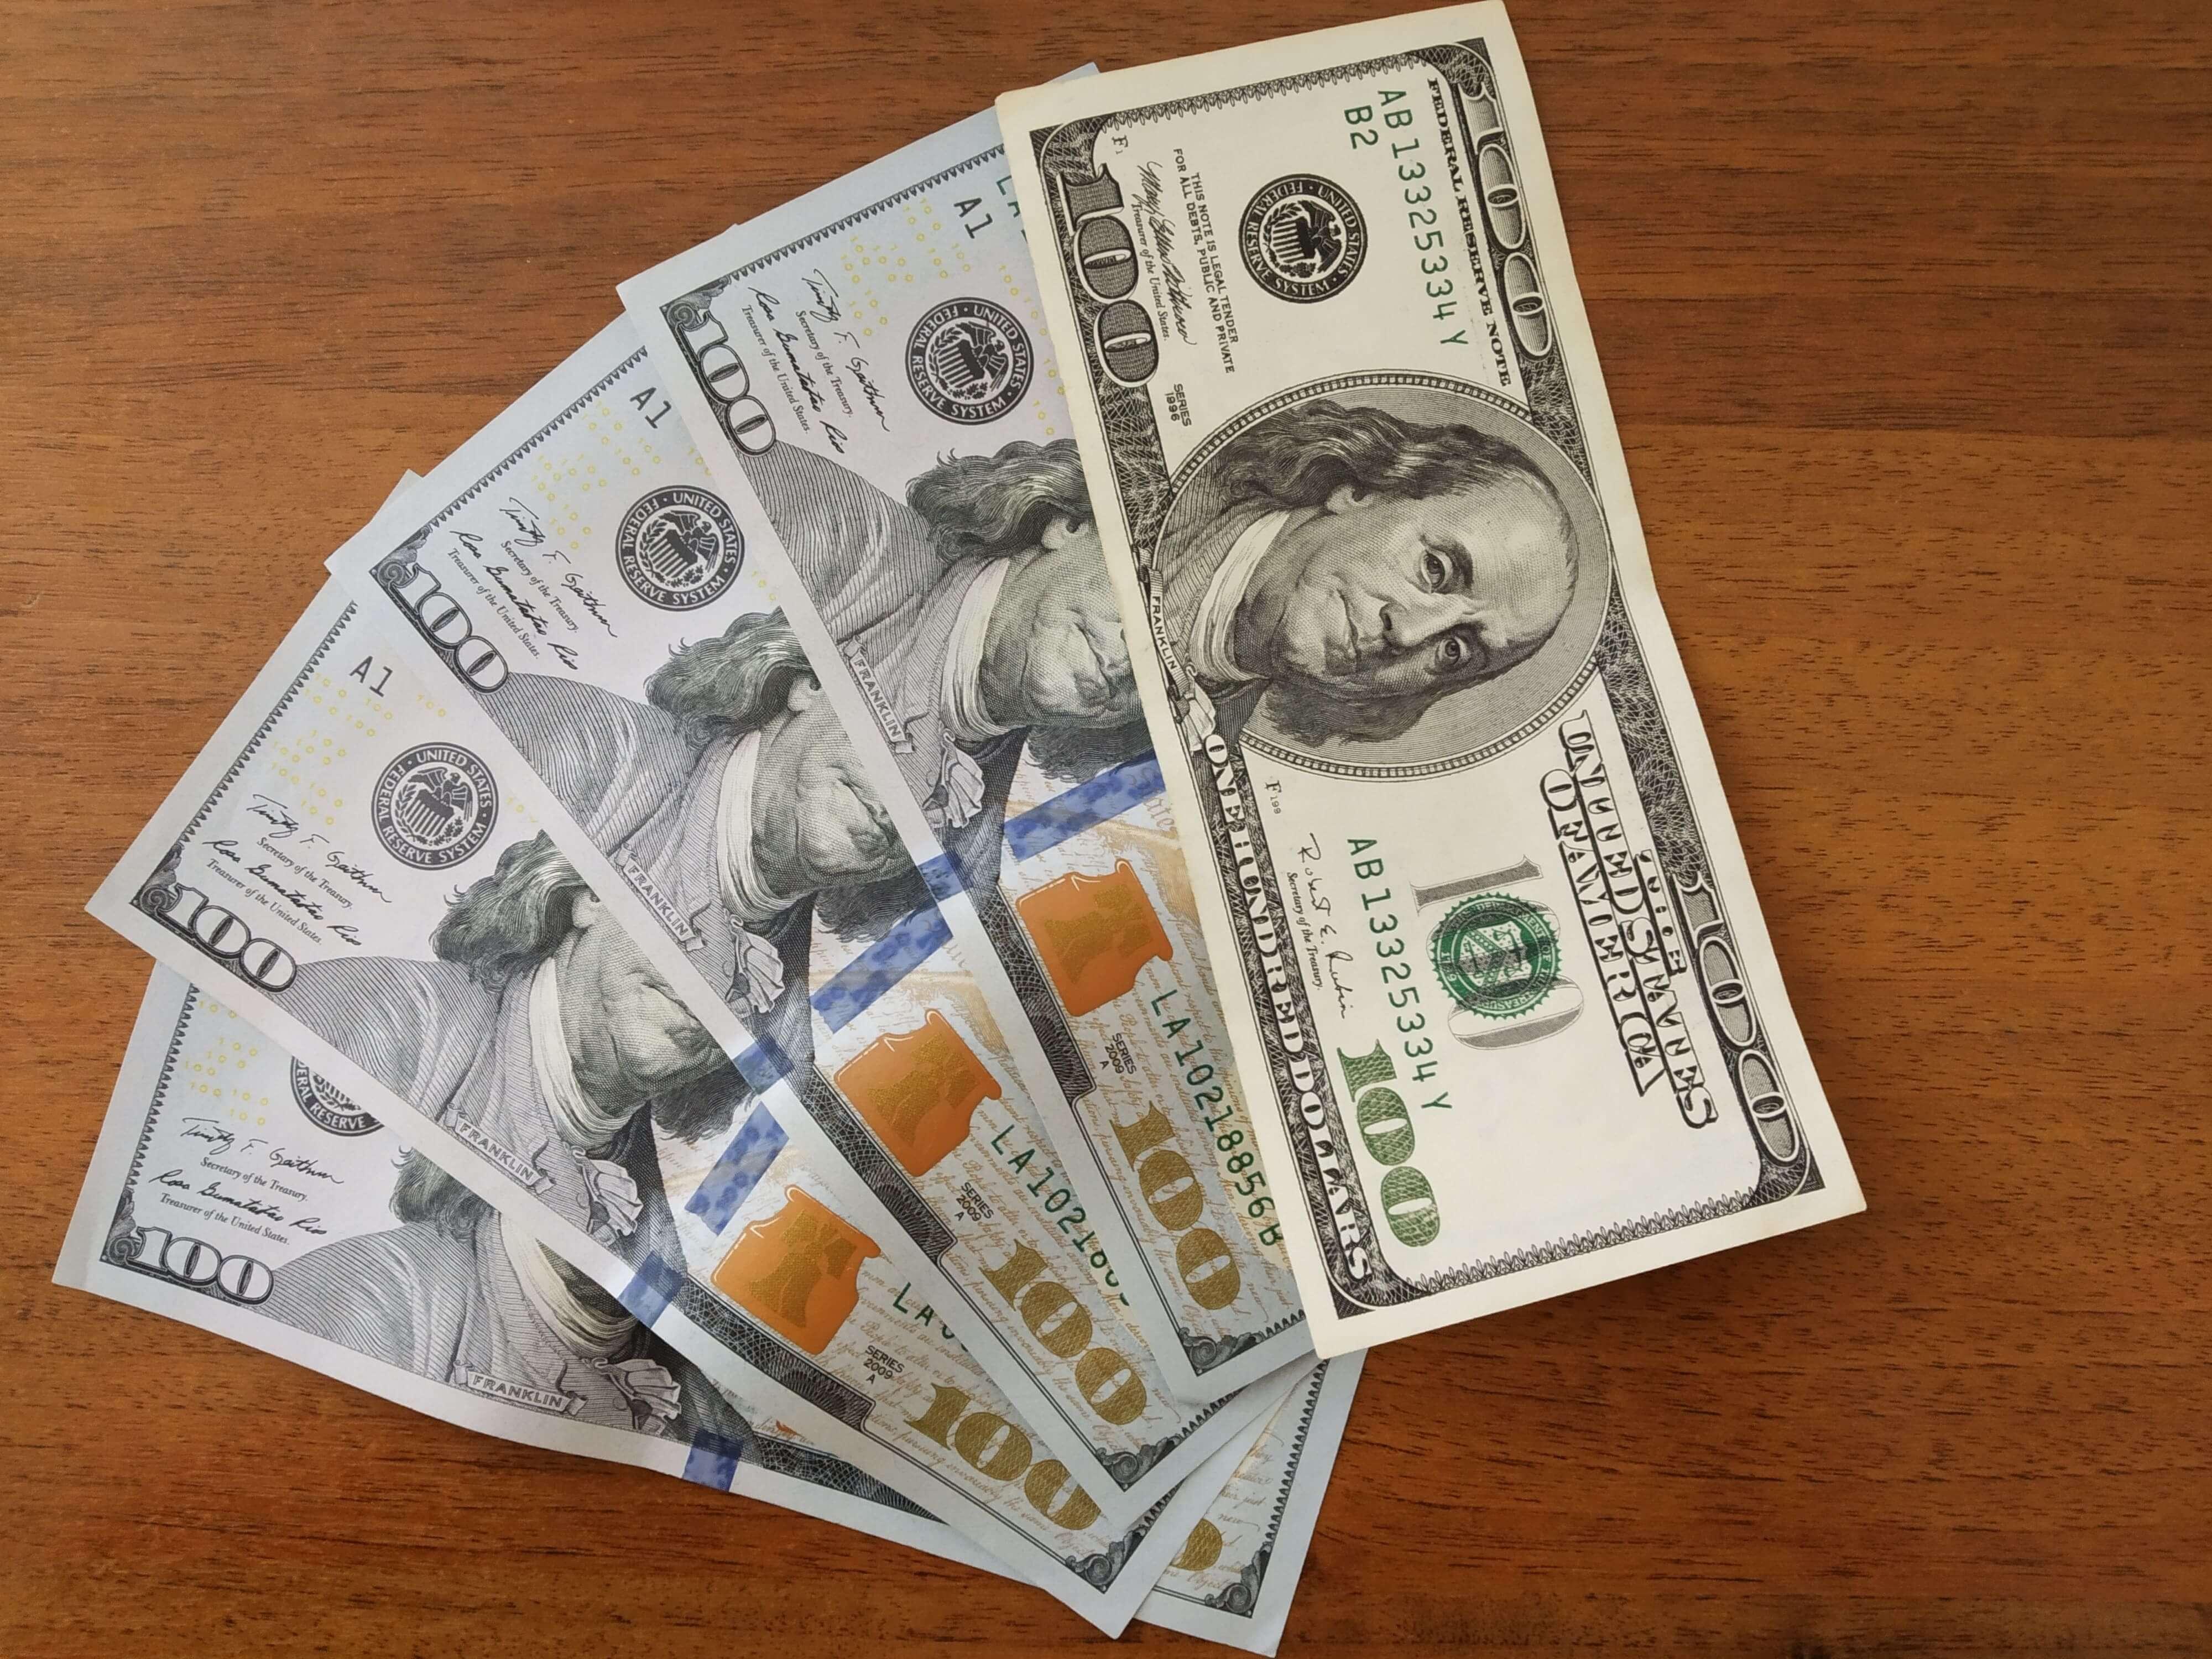 банковский кредит преимущества его как источника